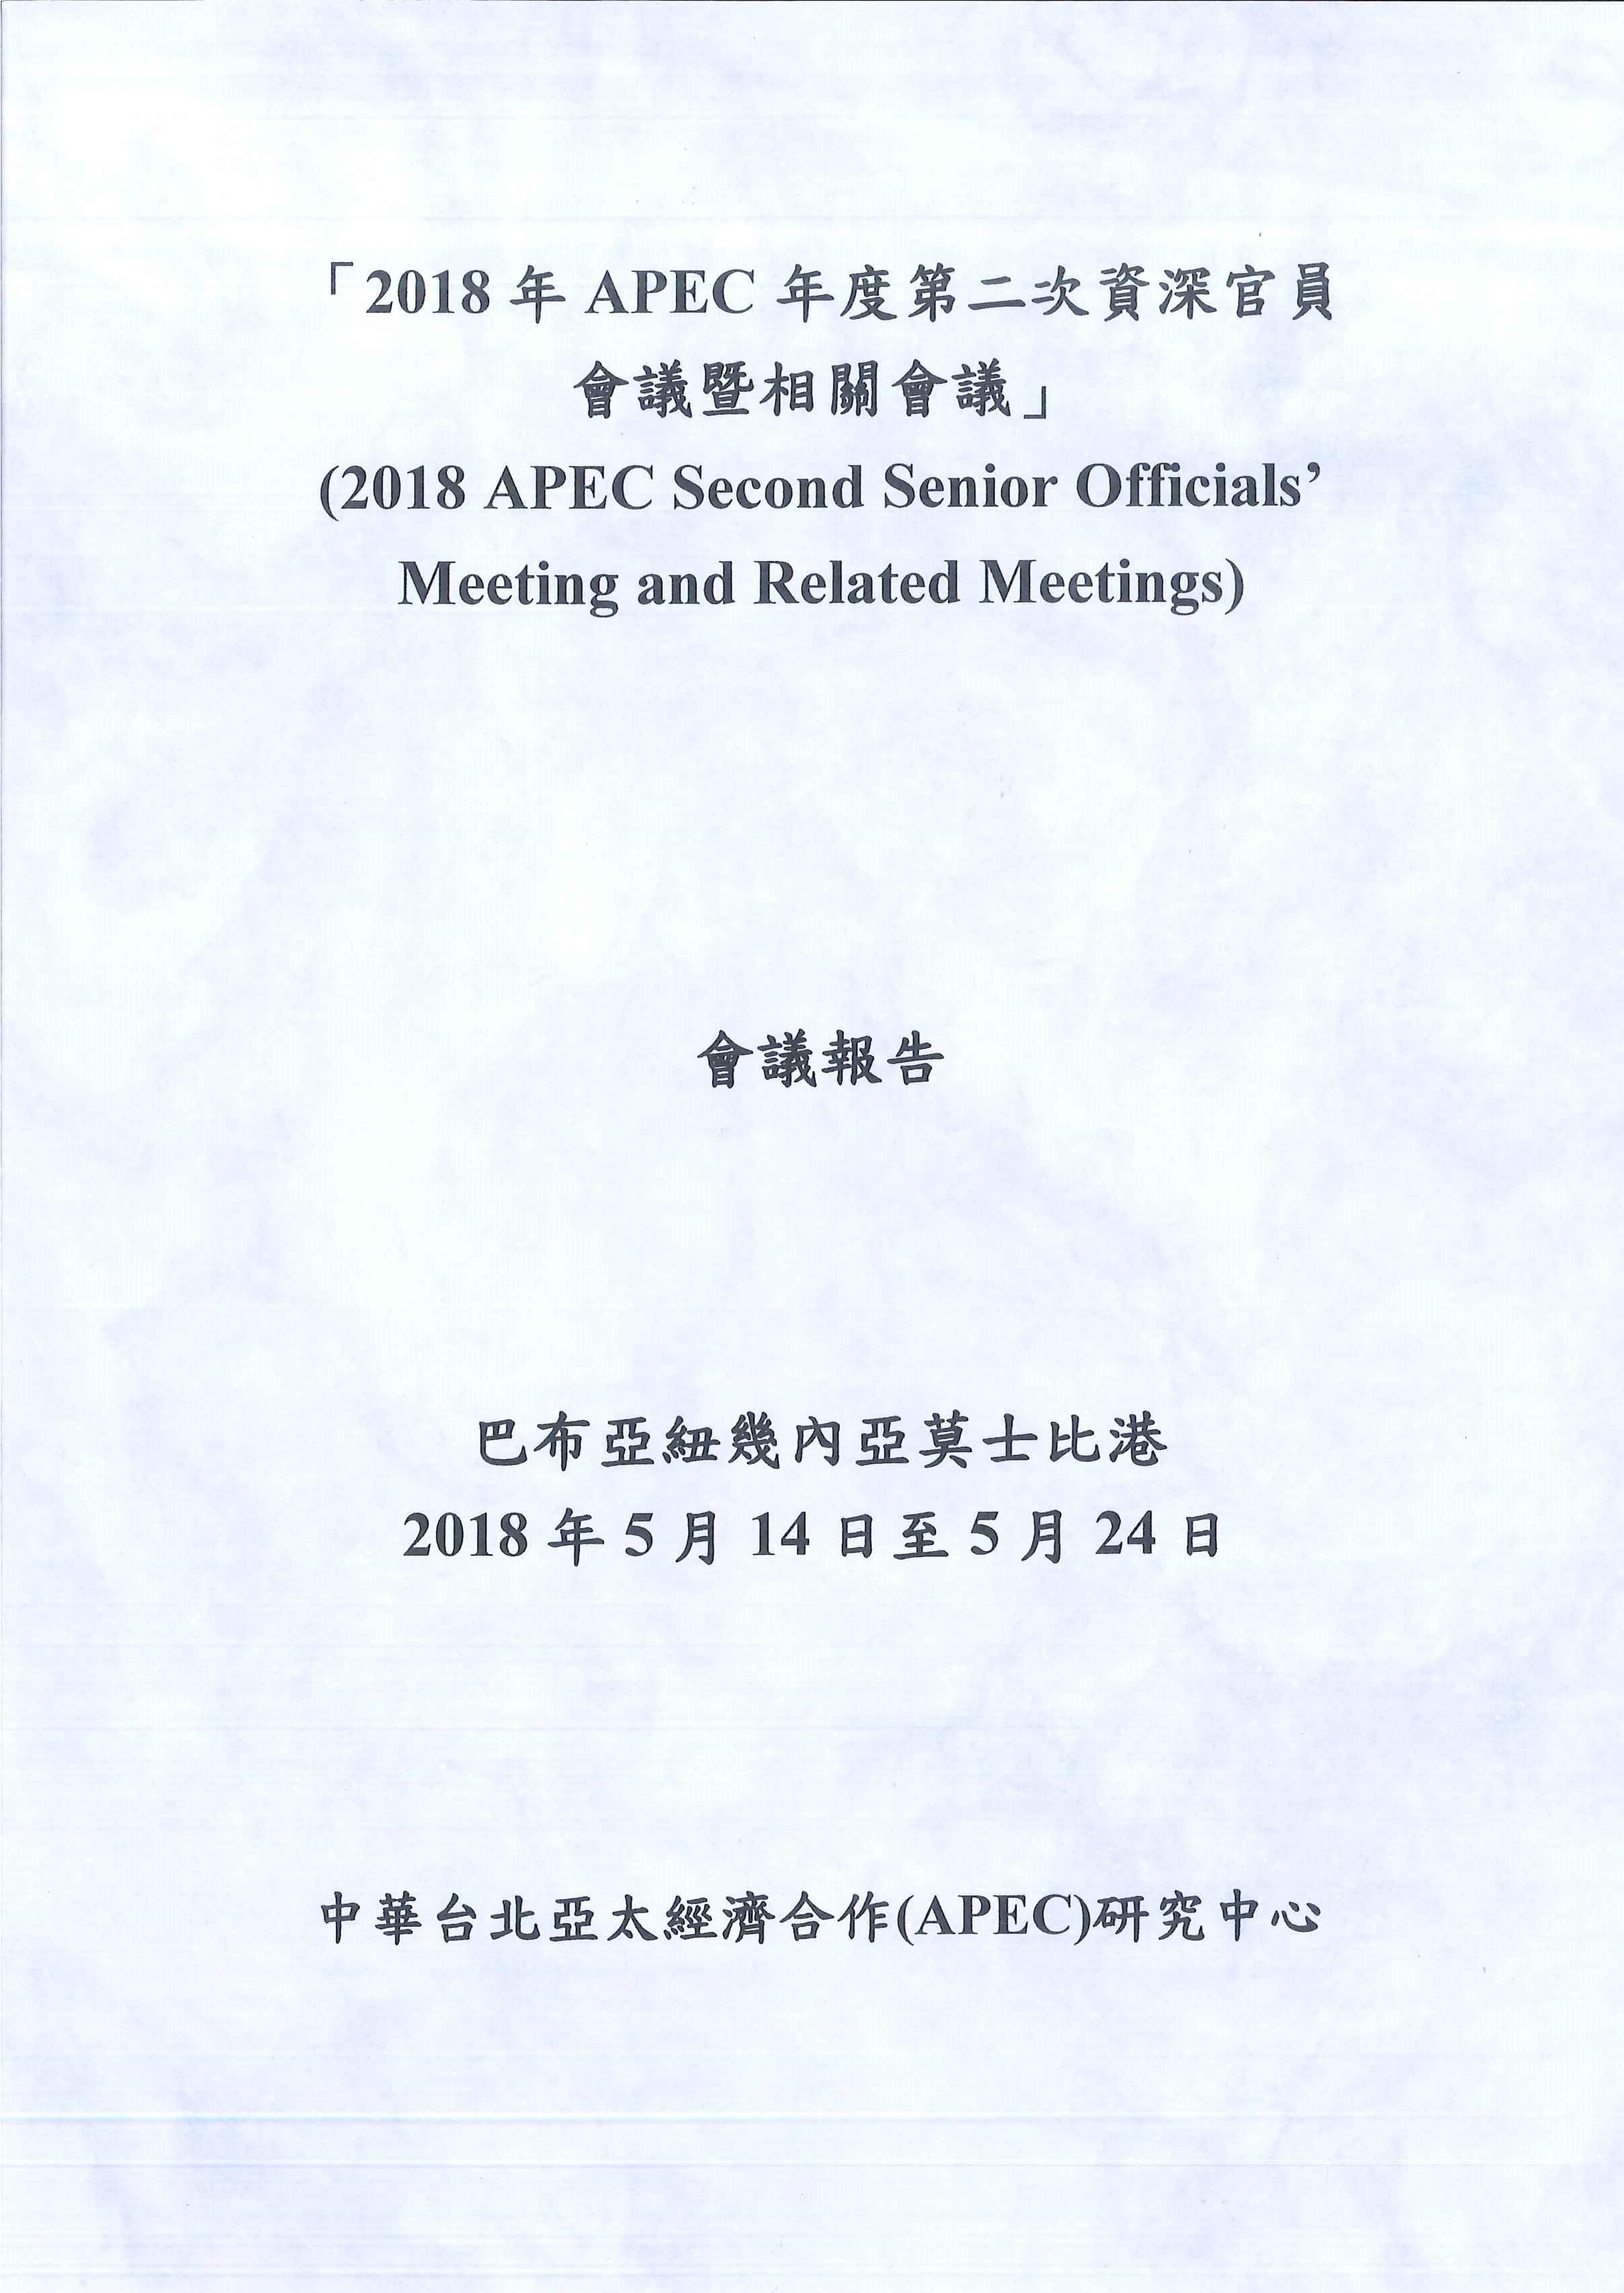 「2018年APEC年度第二次資深官員會議暨相關會議」會議報告=2018 APEC second senior officials